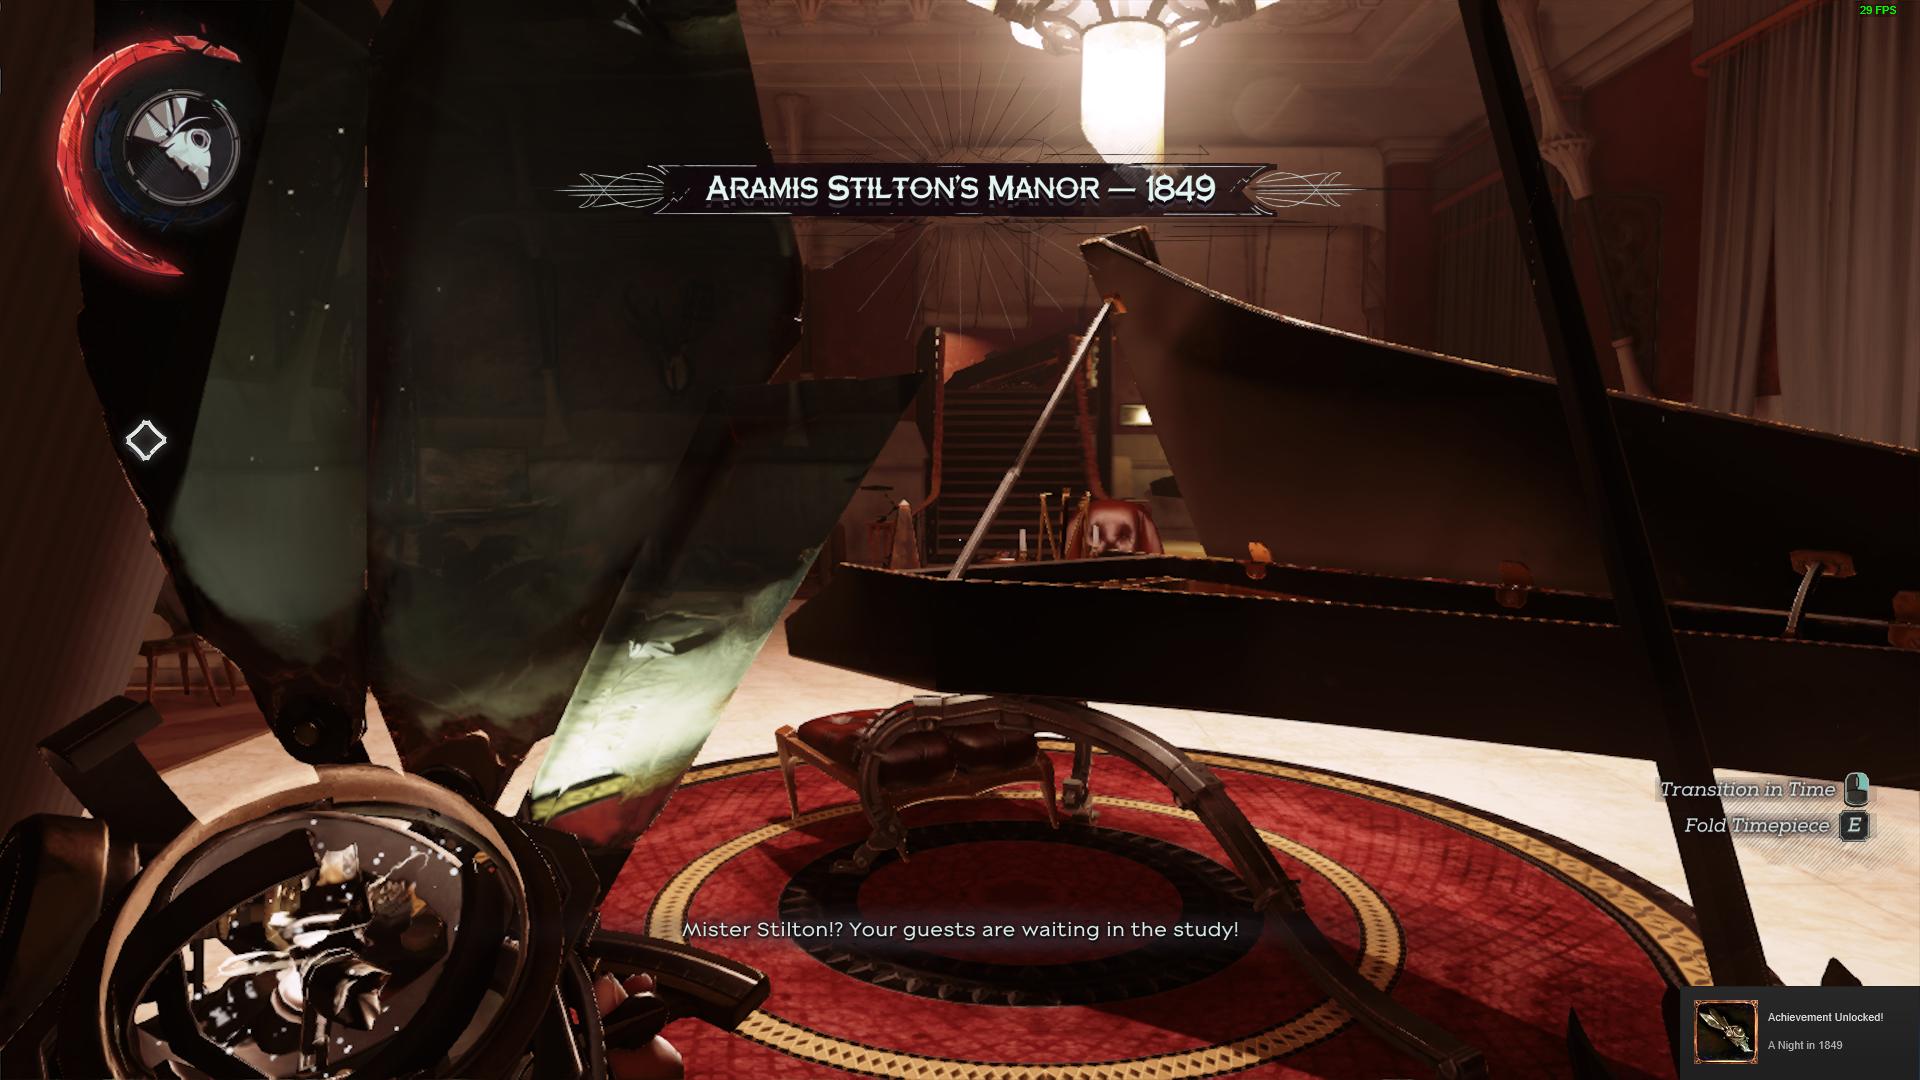 Le manoir d'Aramis Stilton au passé | Dishonored 2